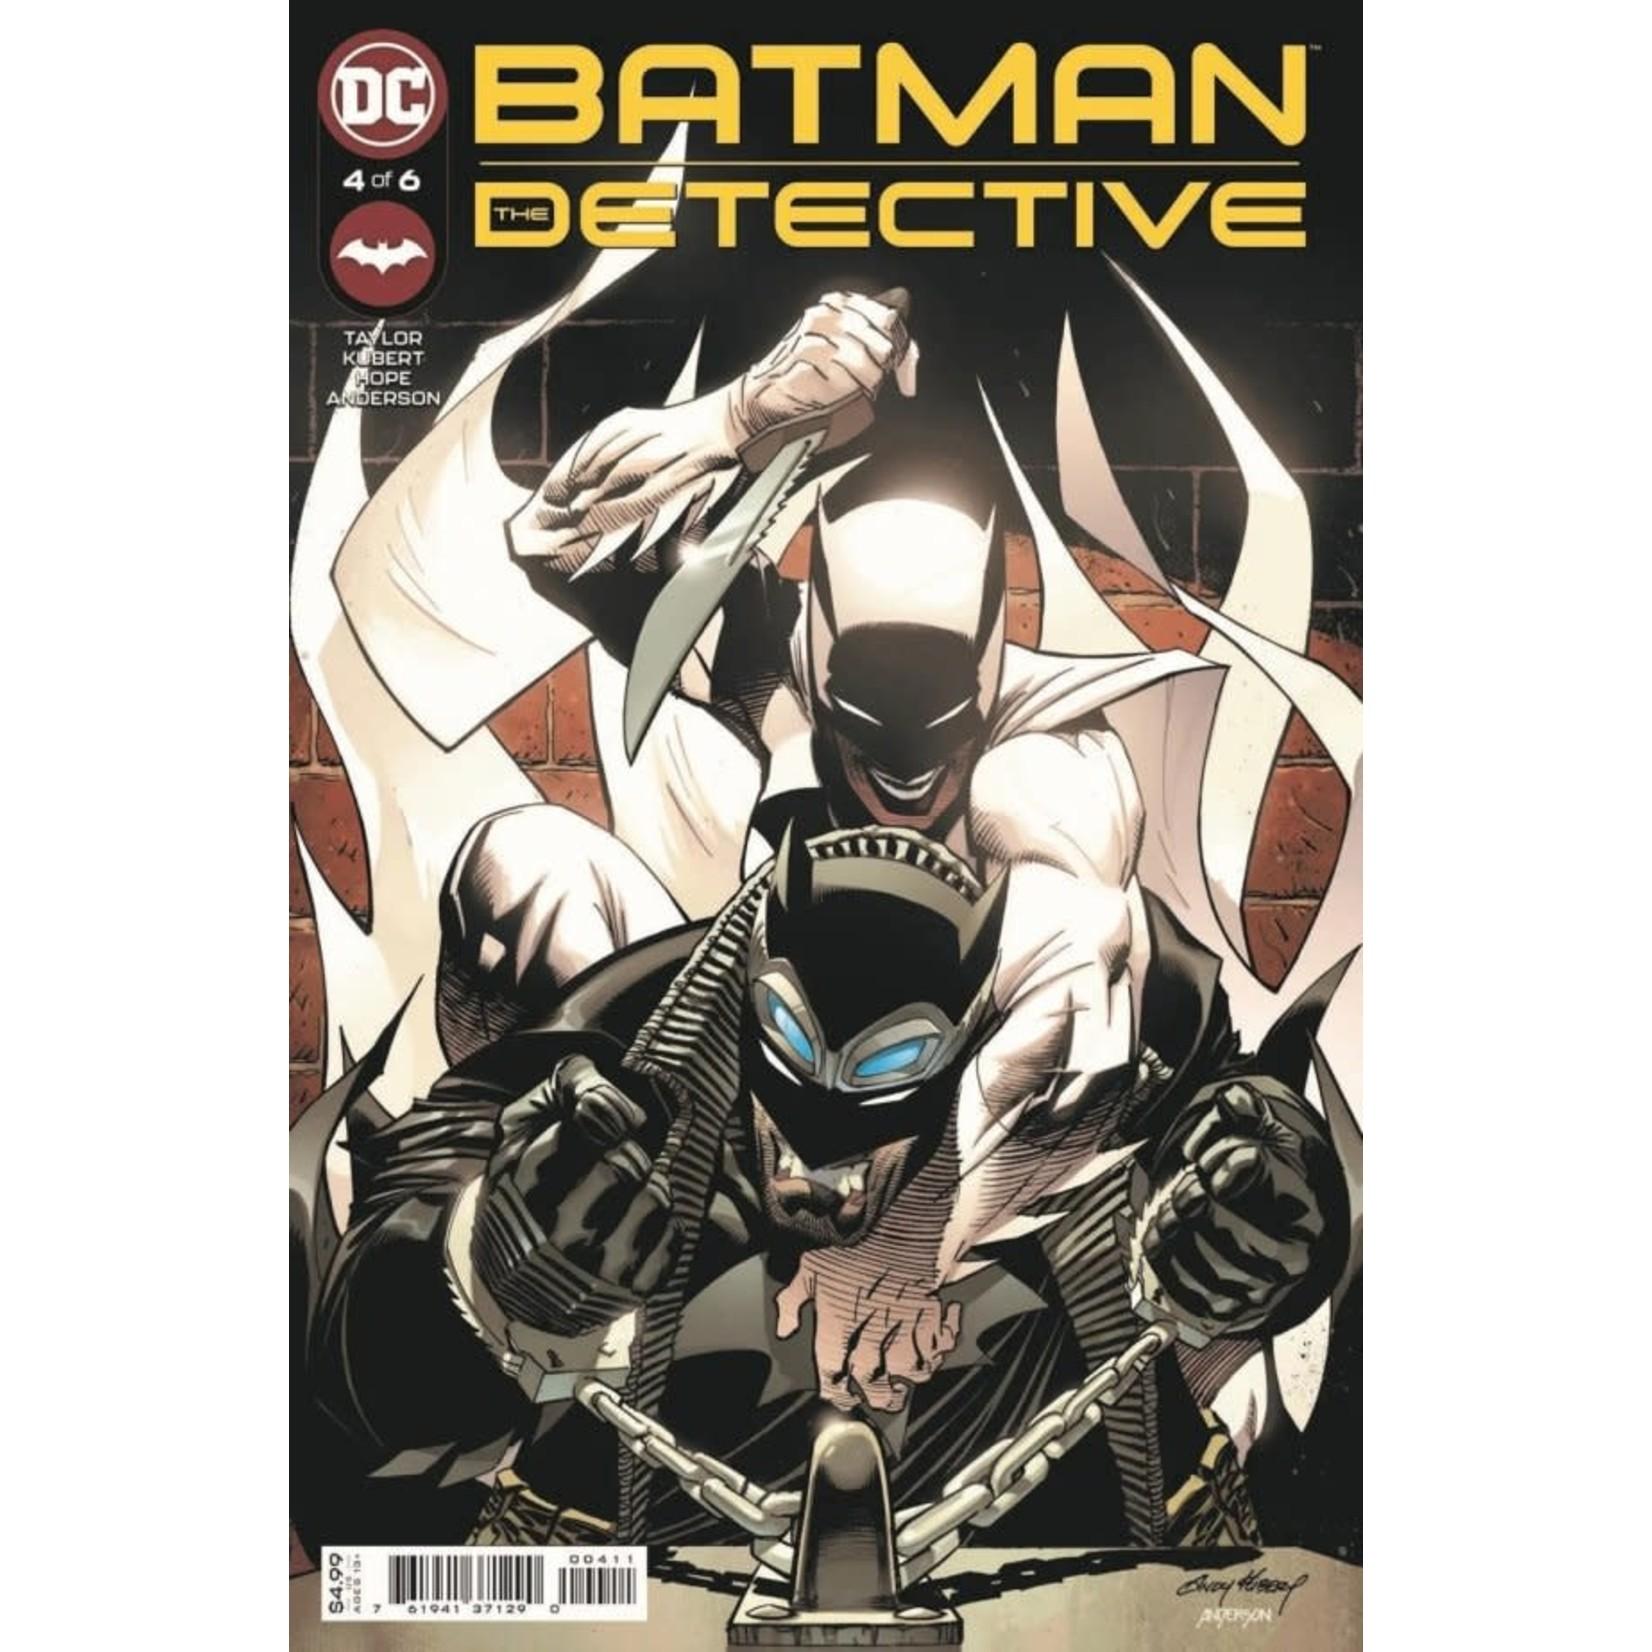 DC Comics Batman : The detective #4 of 6